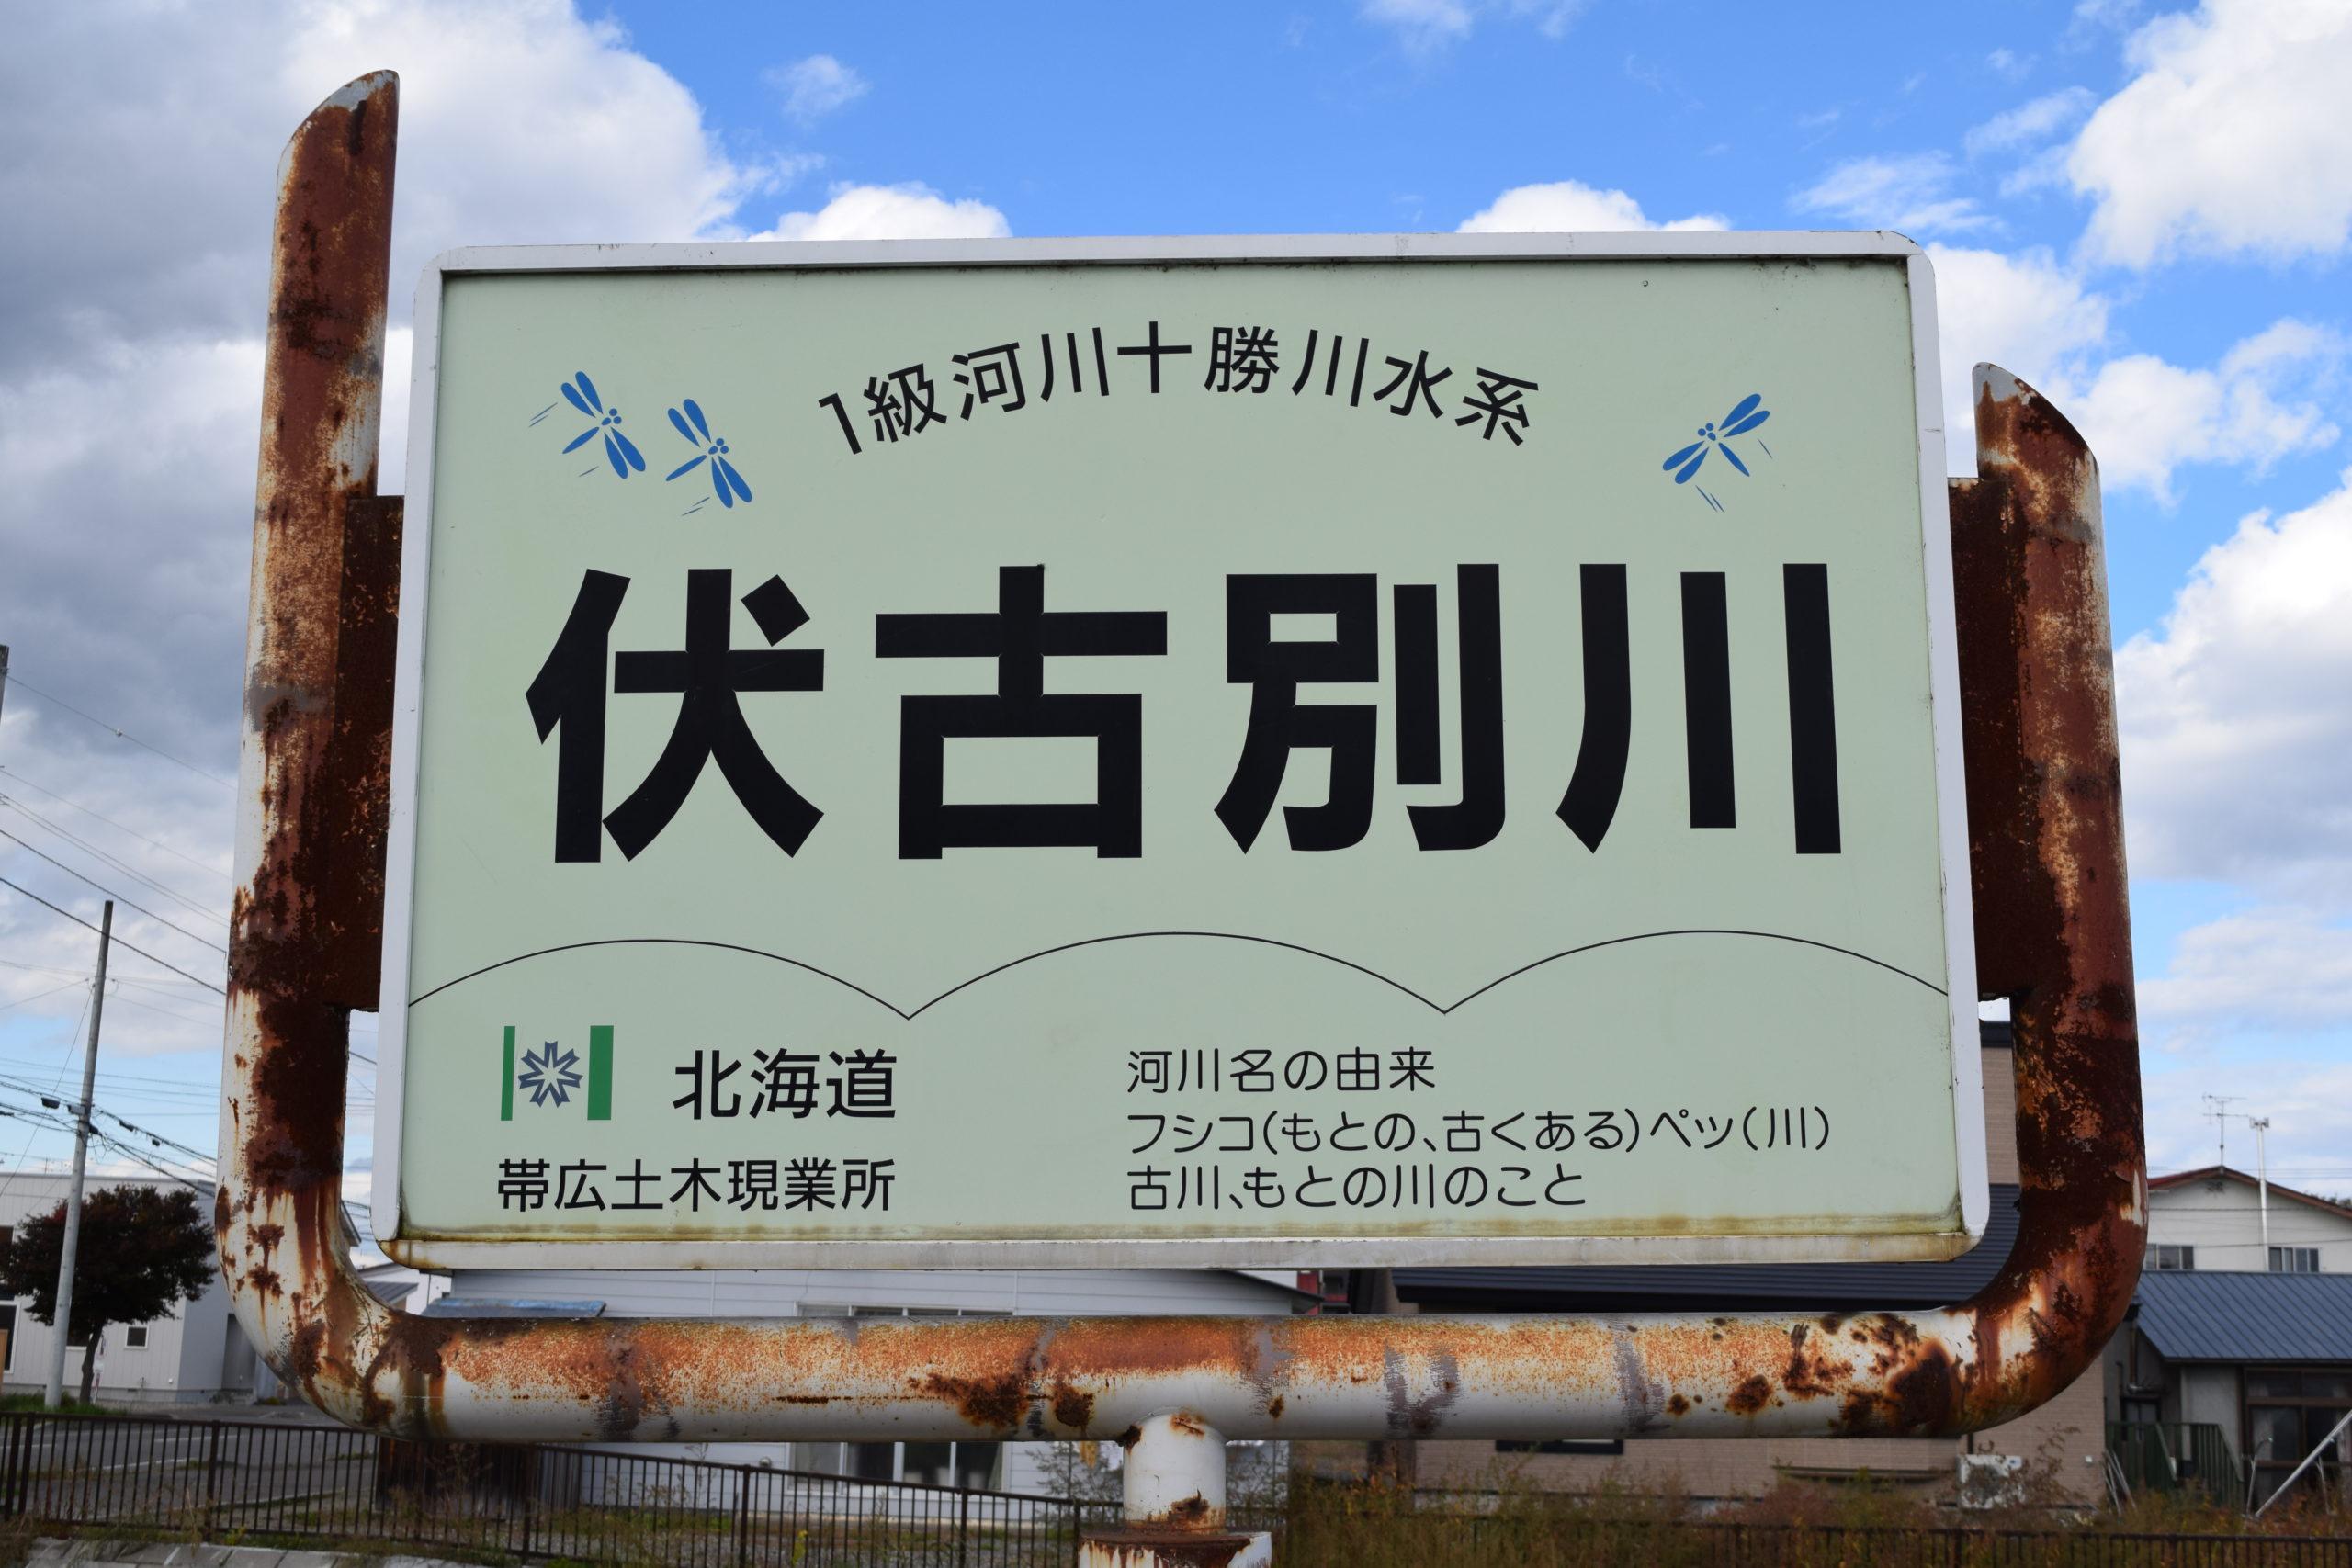 伏古別川(十勝川水系)の河川ライブカメラ一覧